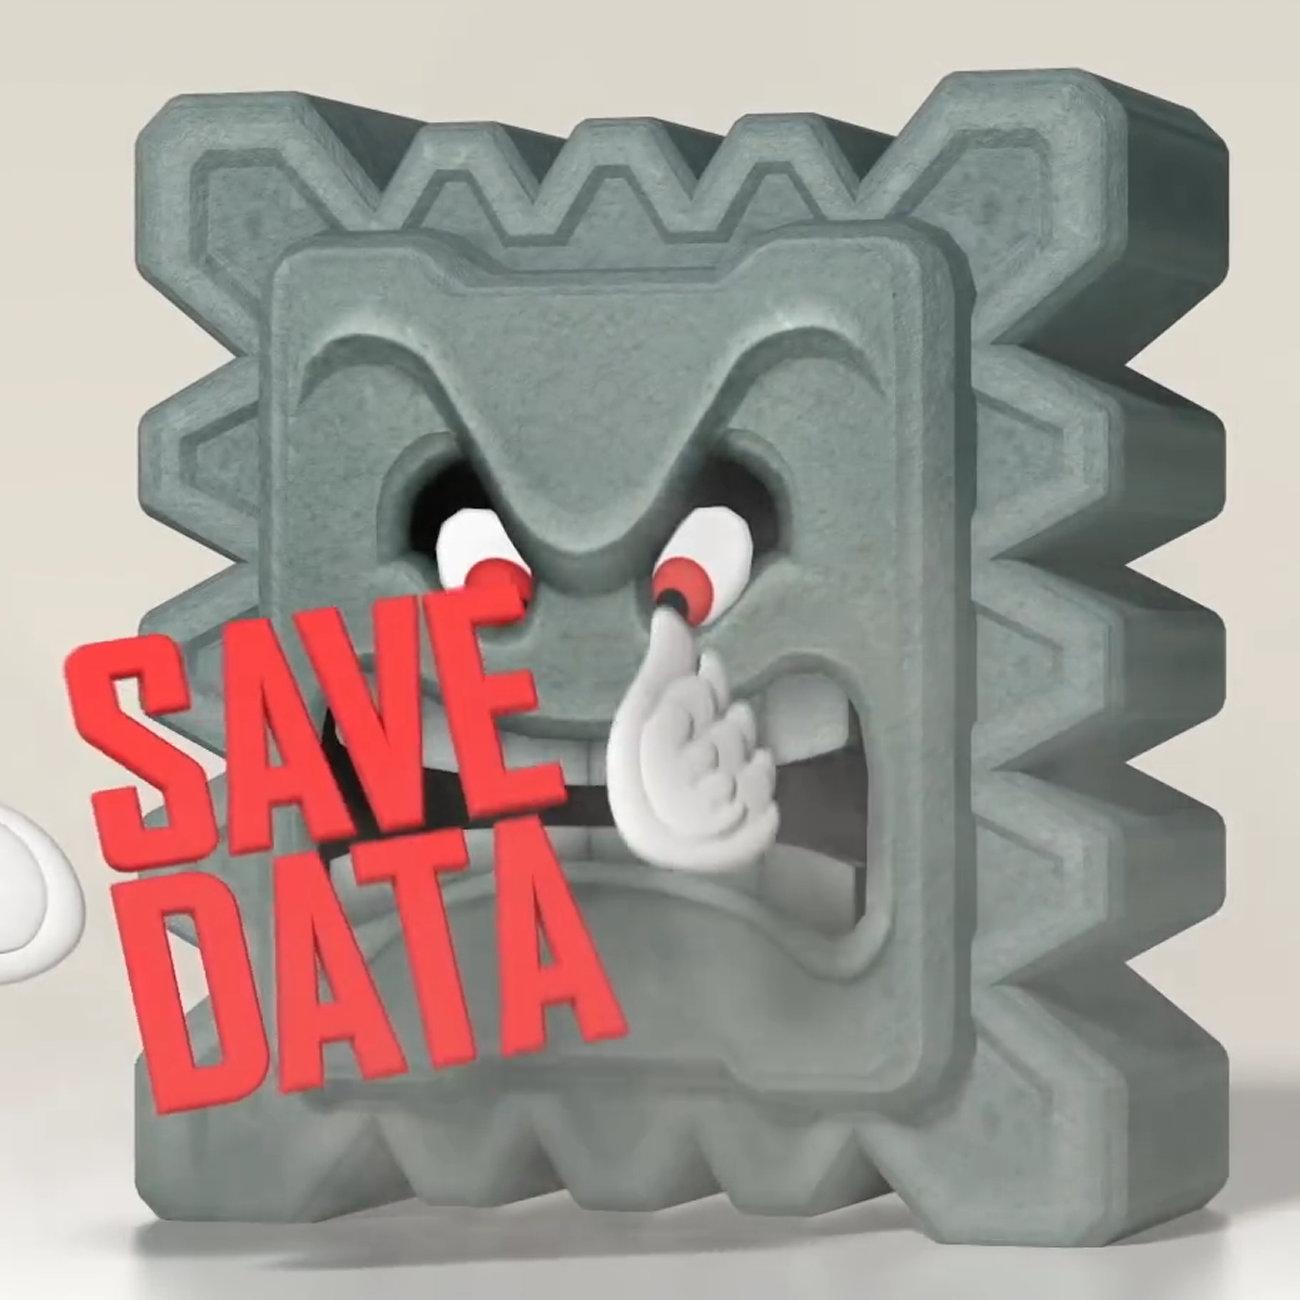 ニンテンドースイッチ、セーブデータお預かり解約後データ保証